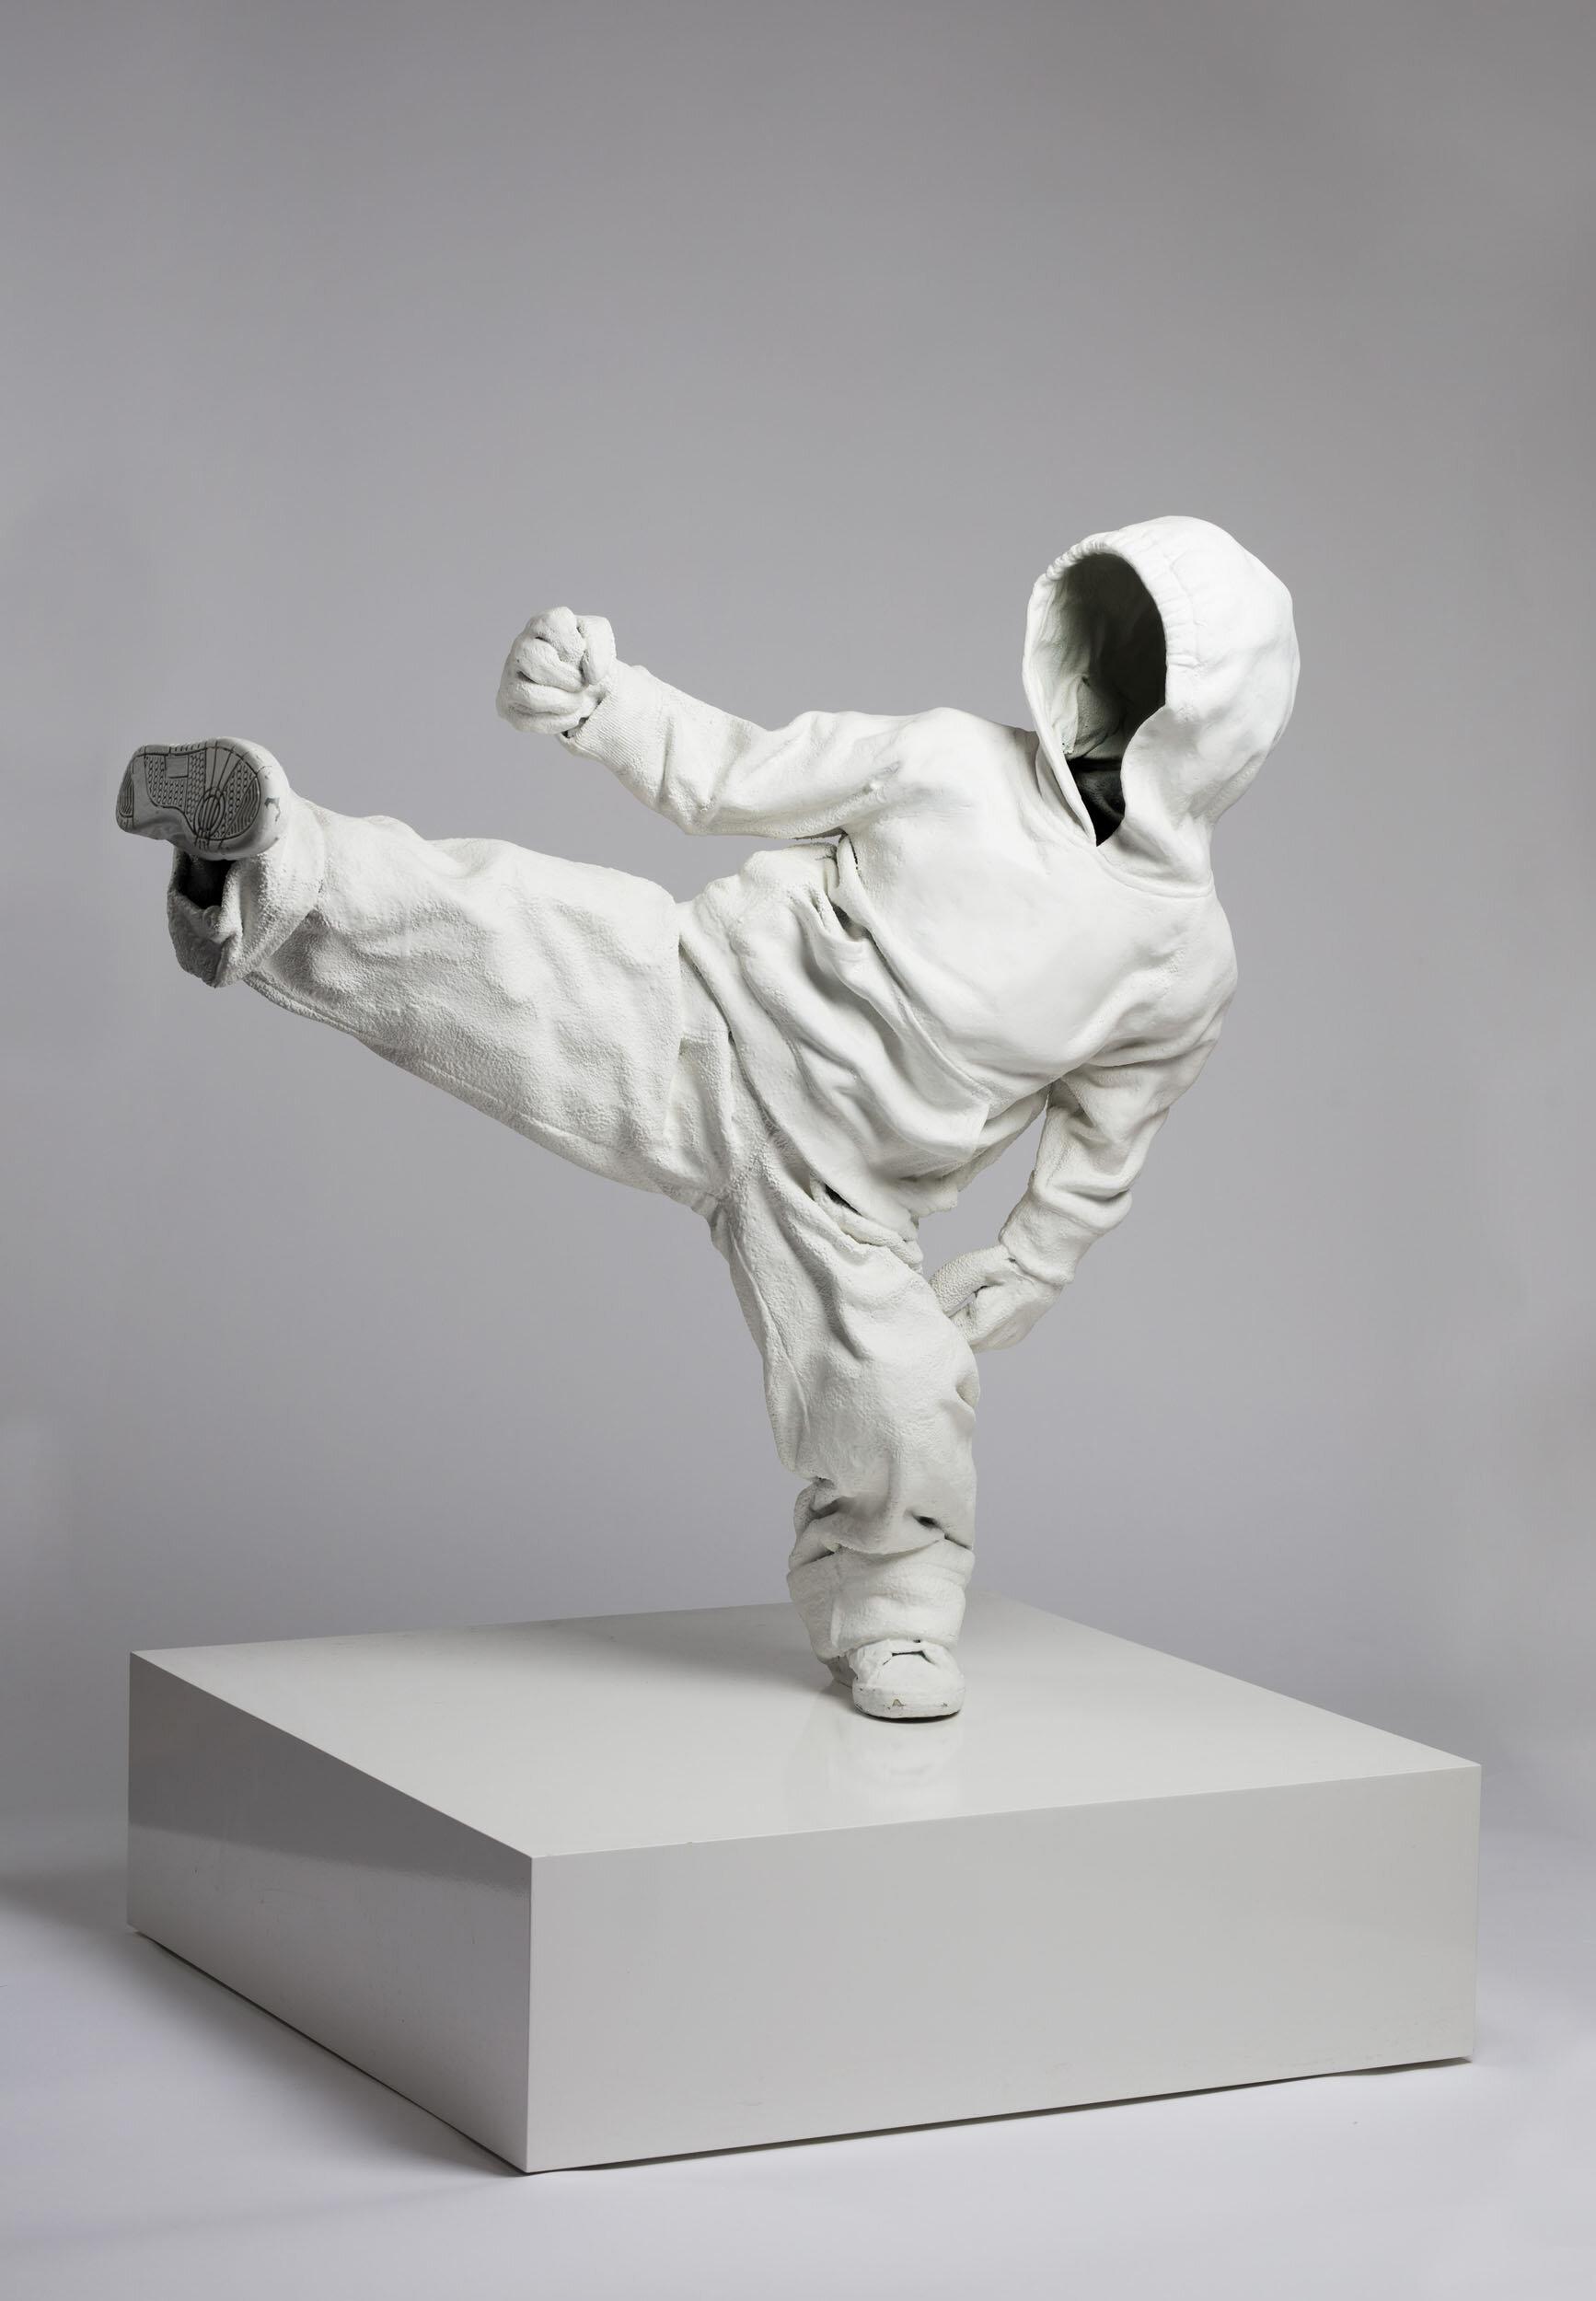 Patrik Svensson   Kompetensutveckling 2  Skulptur Polyester, fleece  Höjd 82 cm, bredd 74 cm